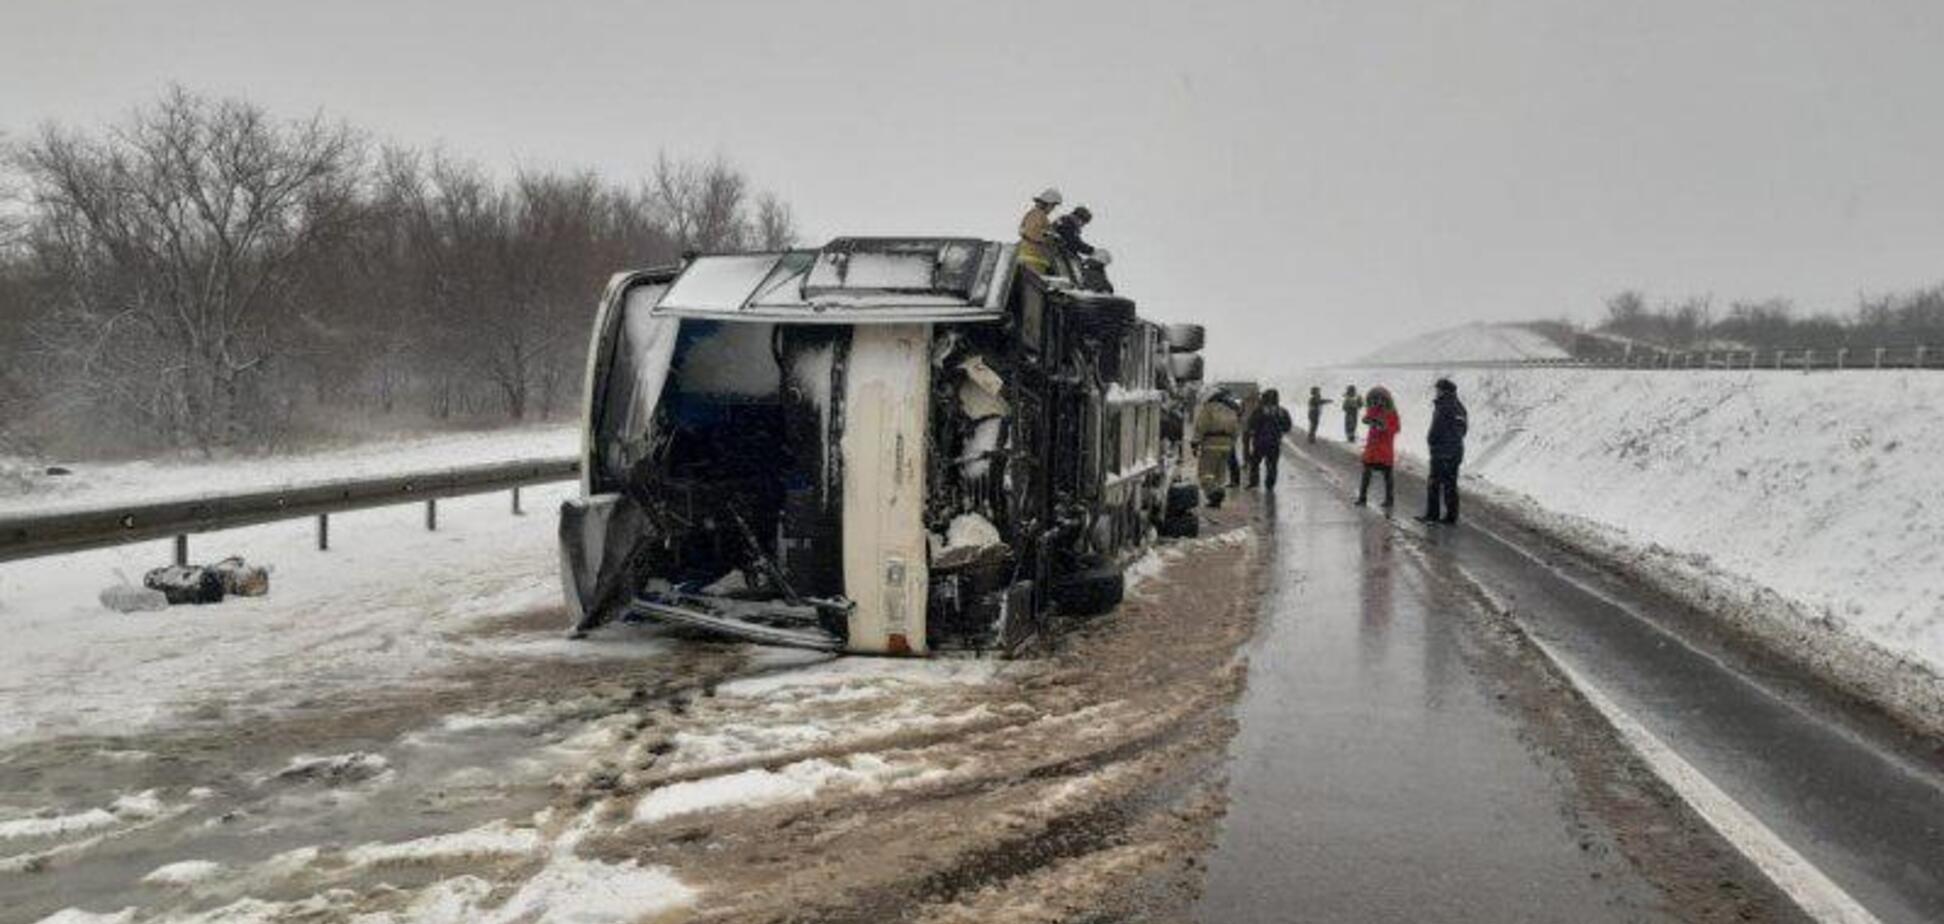 Украинцы попали в жуткое ДТП в России: 17 пострадавших